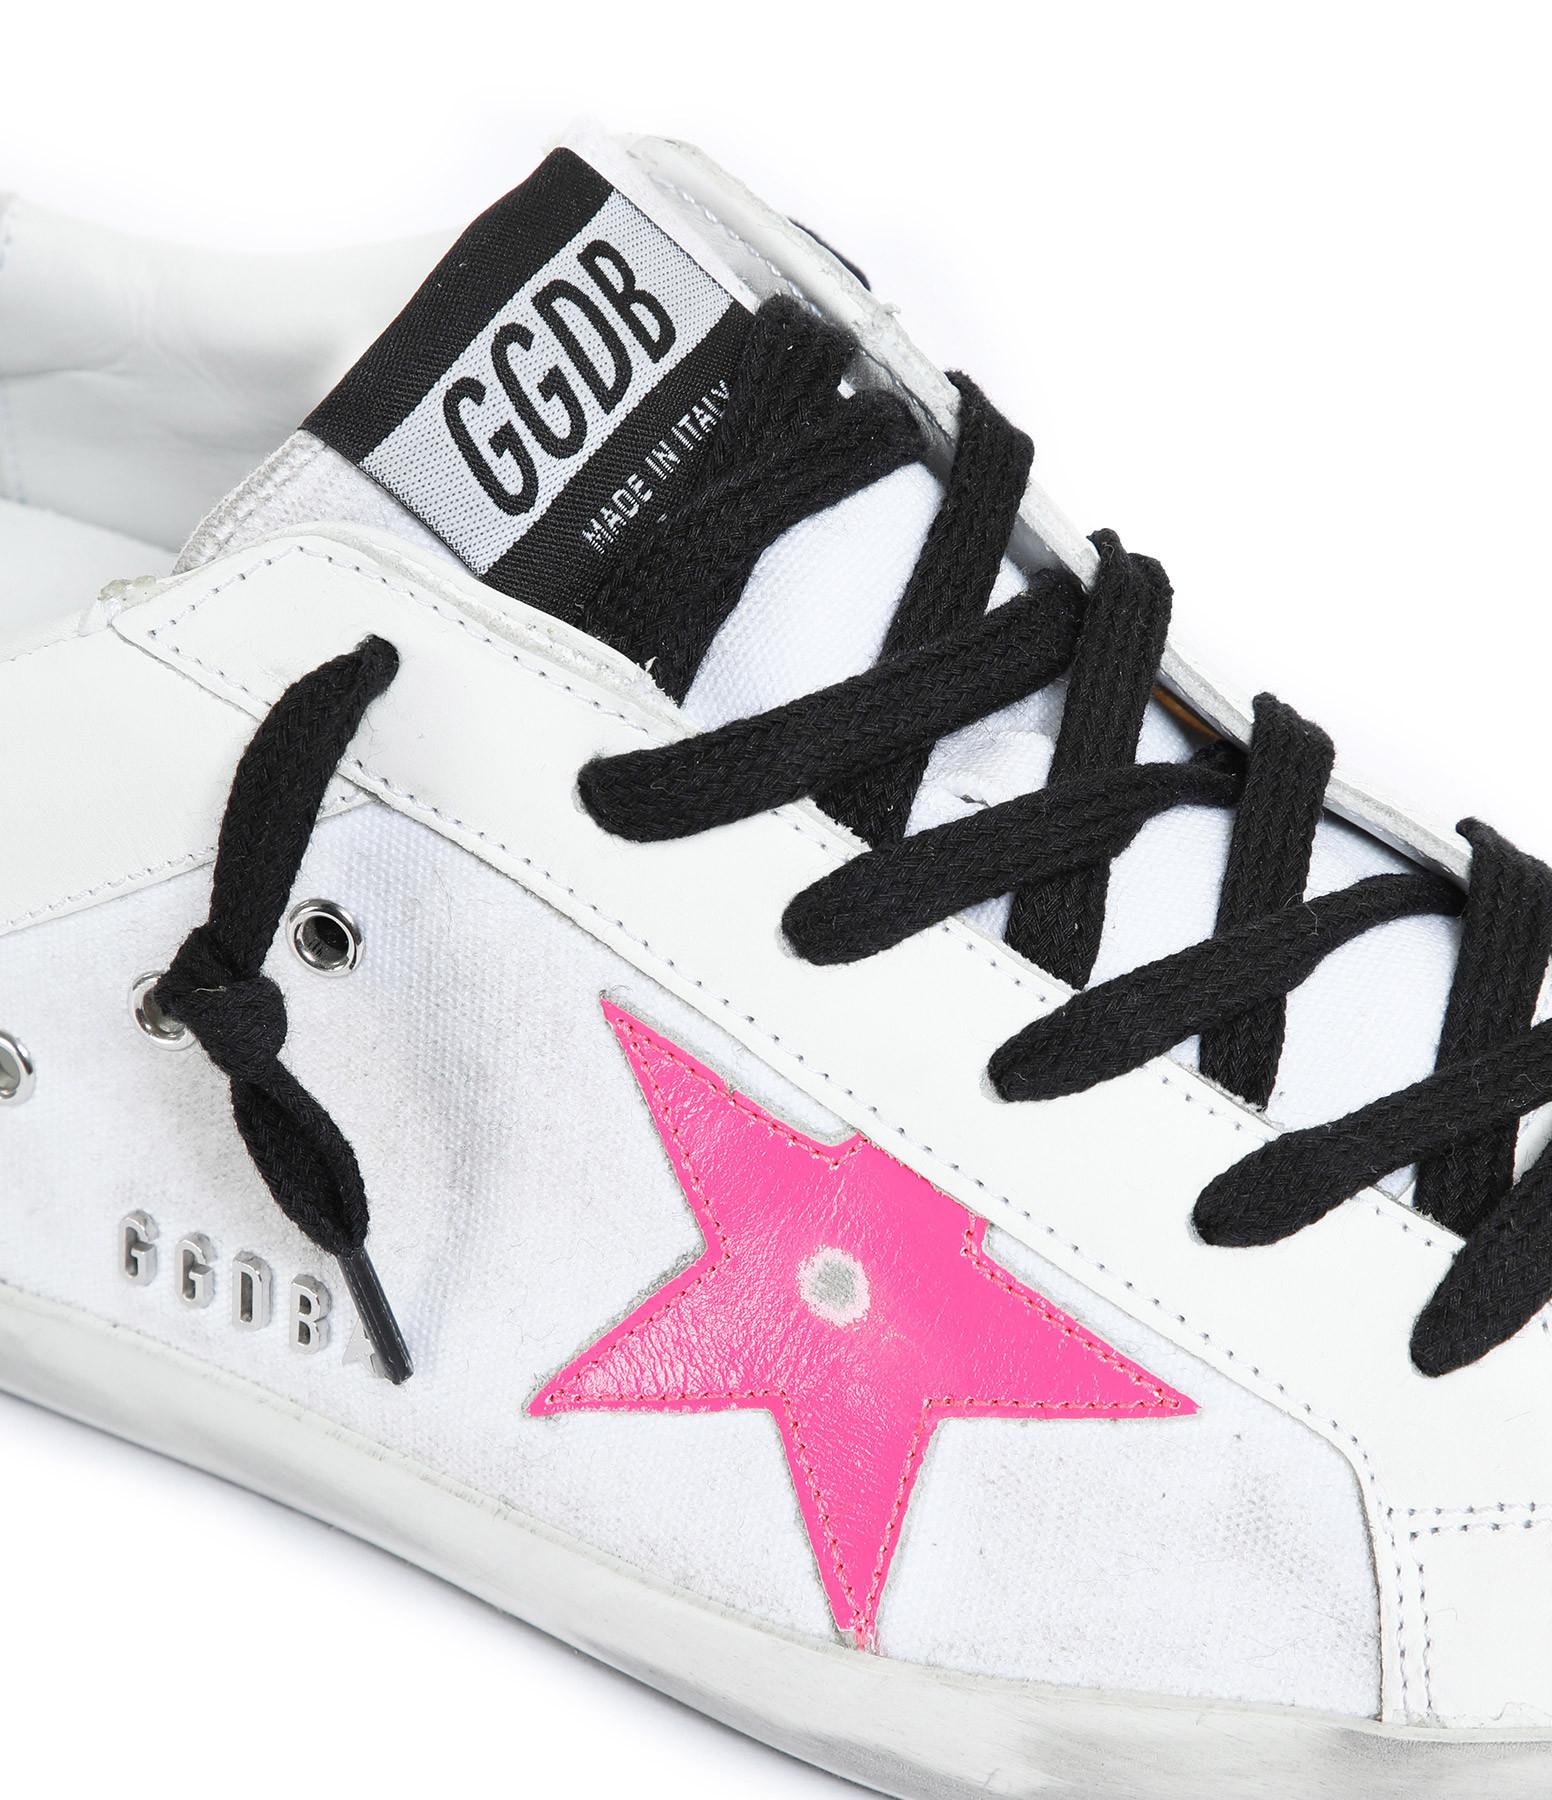 GOLDEN GOOSE - Baskets Superstar Cuir Blanc Rose Fluo